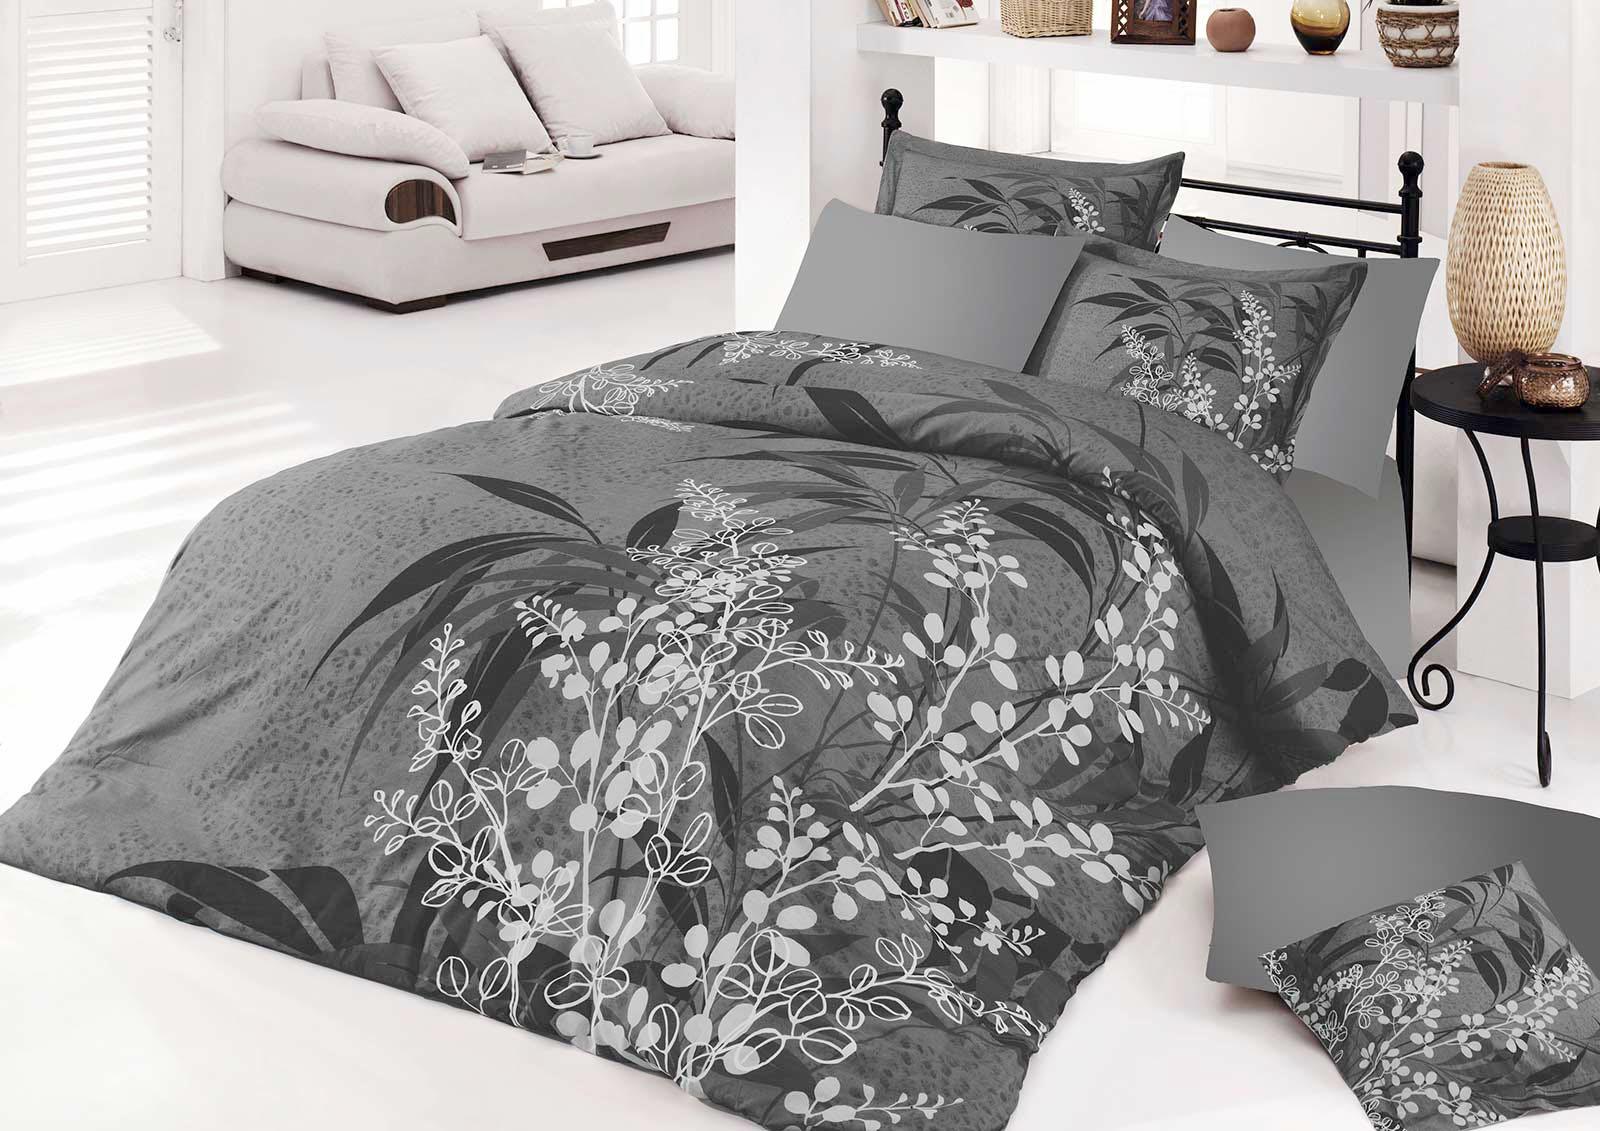 5 tlg bettw sche bettgarnitur 100 baumwolle kissen decke 200x200cm akasya grau. Black Bedroom Furniture Sets. Home Design Ideas